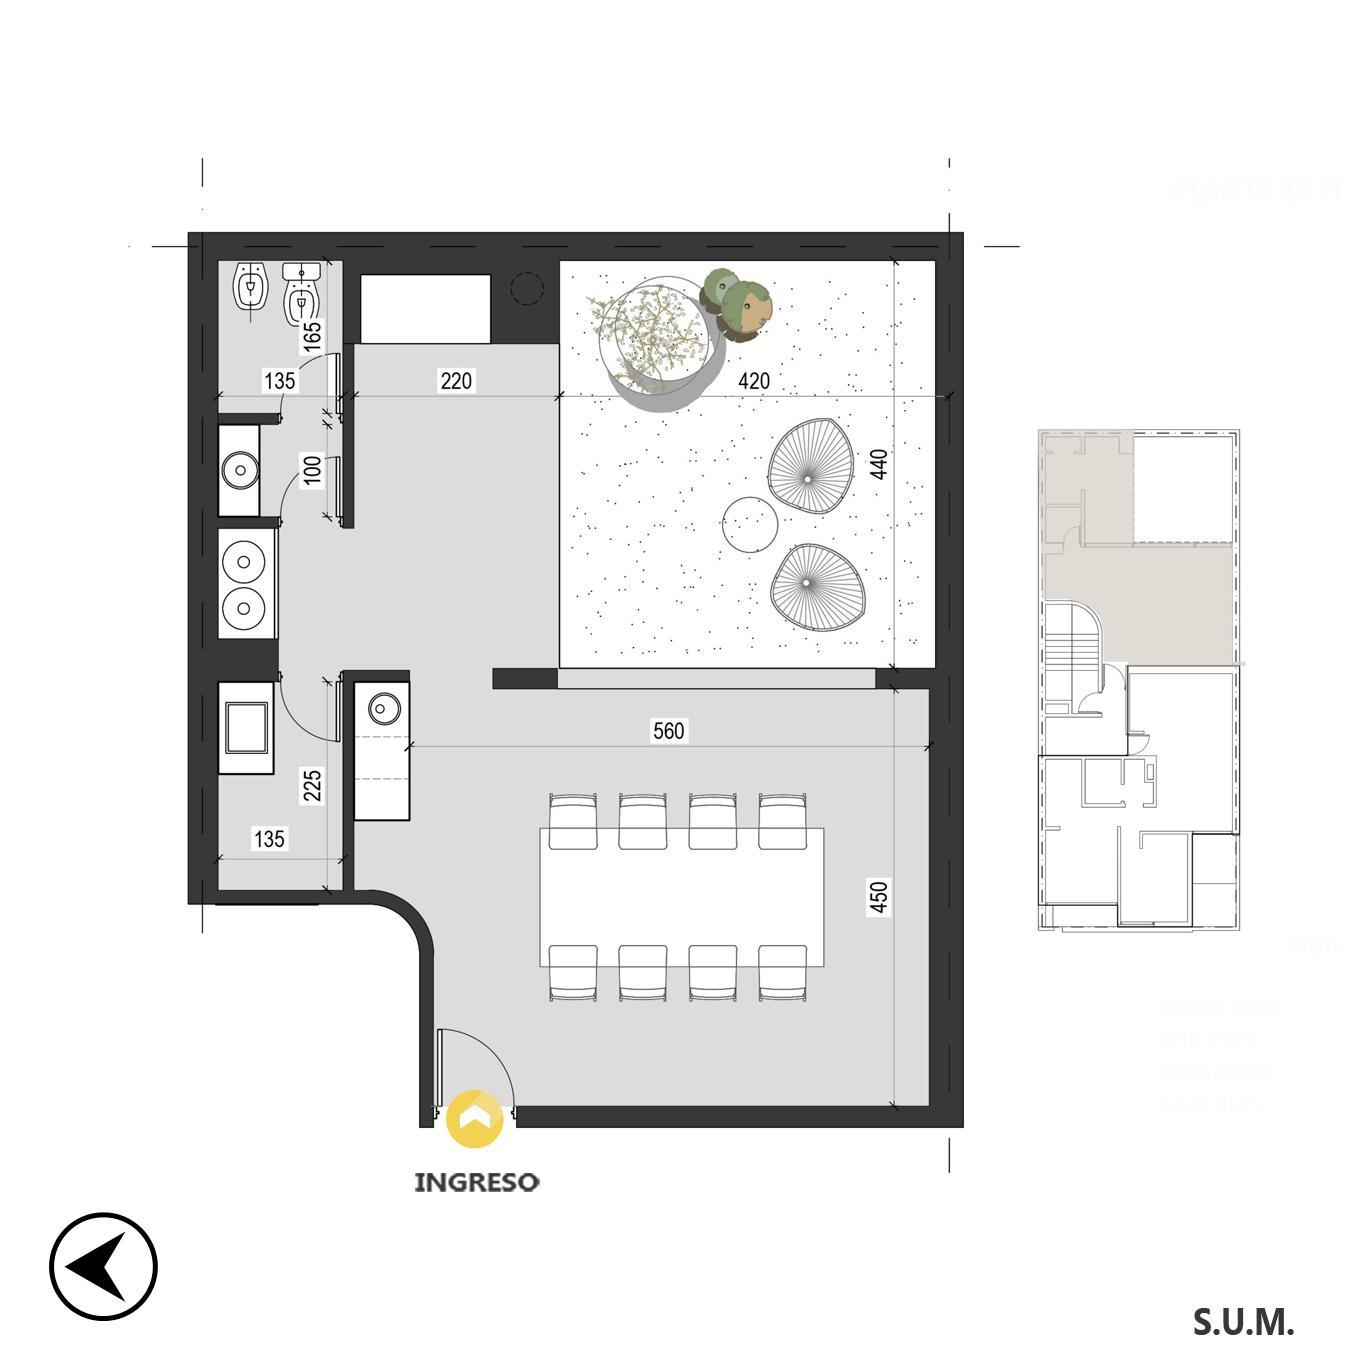 Venta departamento 2 dormitorios Rosario, Pichincha. Cod CBU24211 AP2259230. Crestale Propiedades